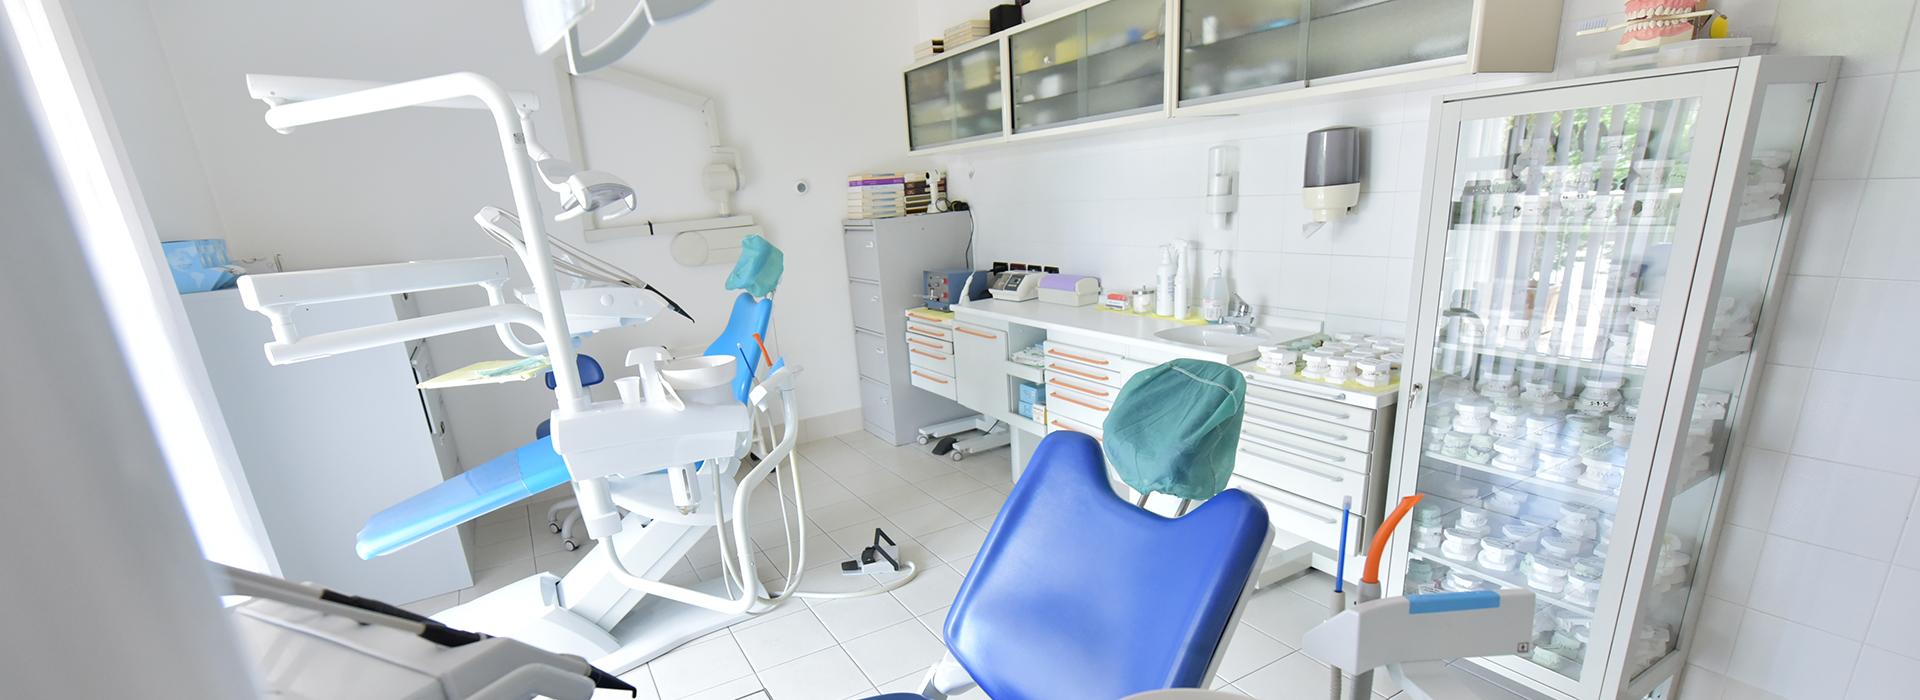 Studio Dentisti D